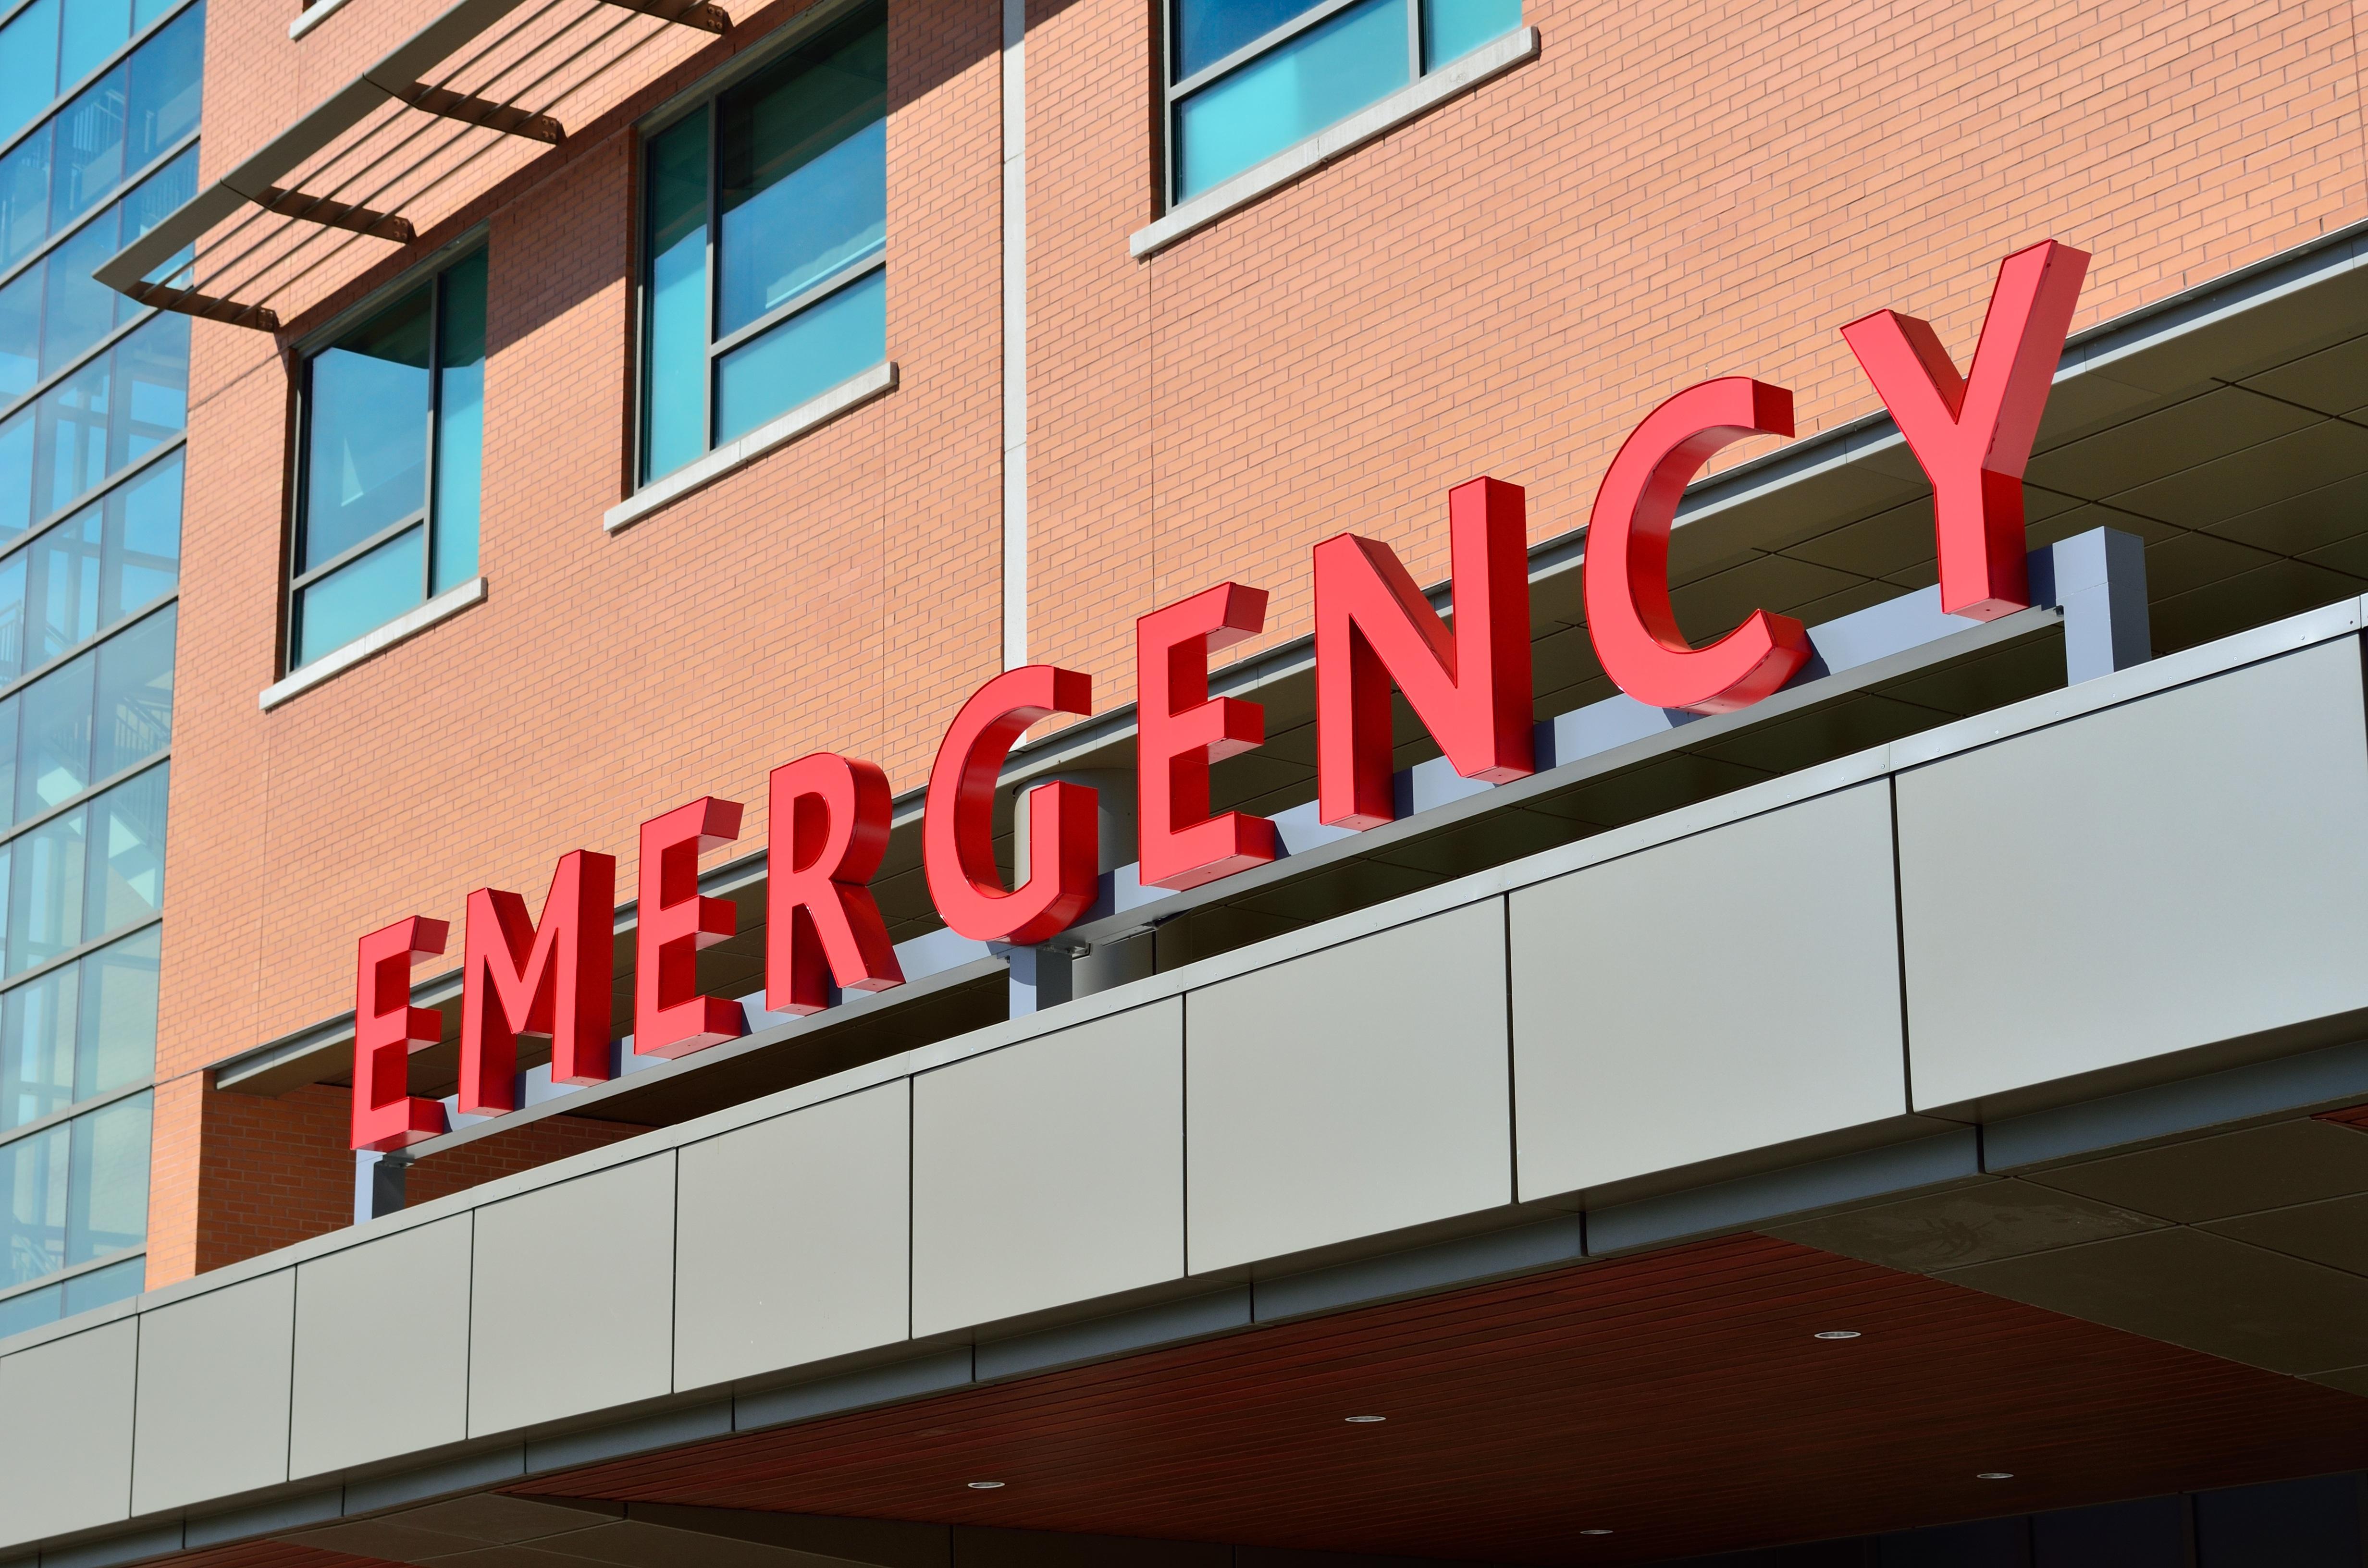 emergency-image.jpeg